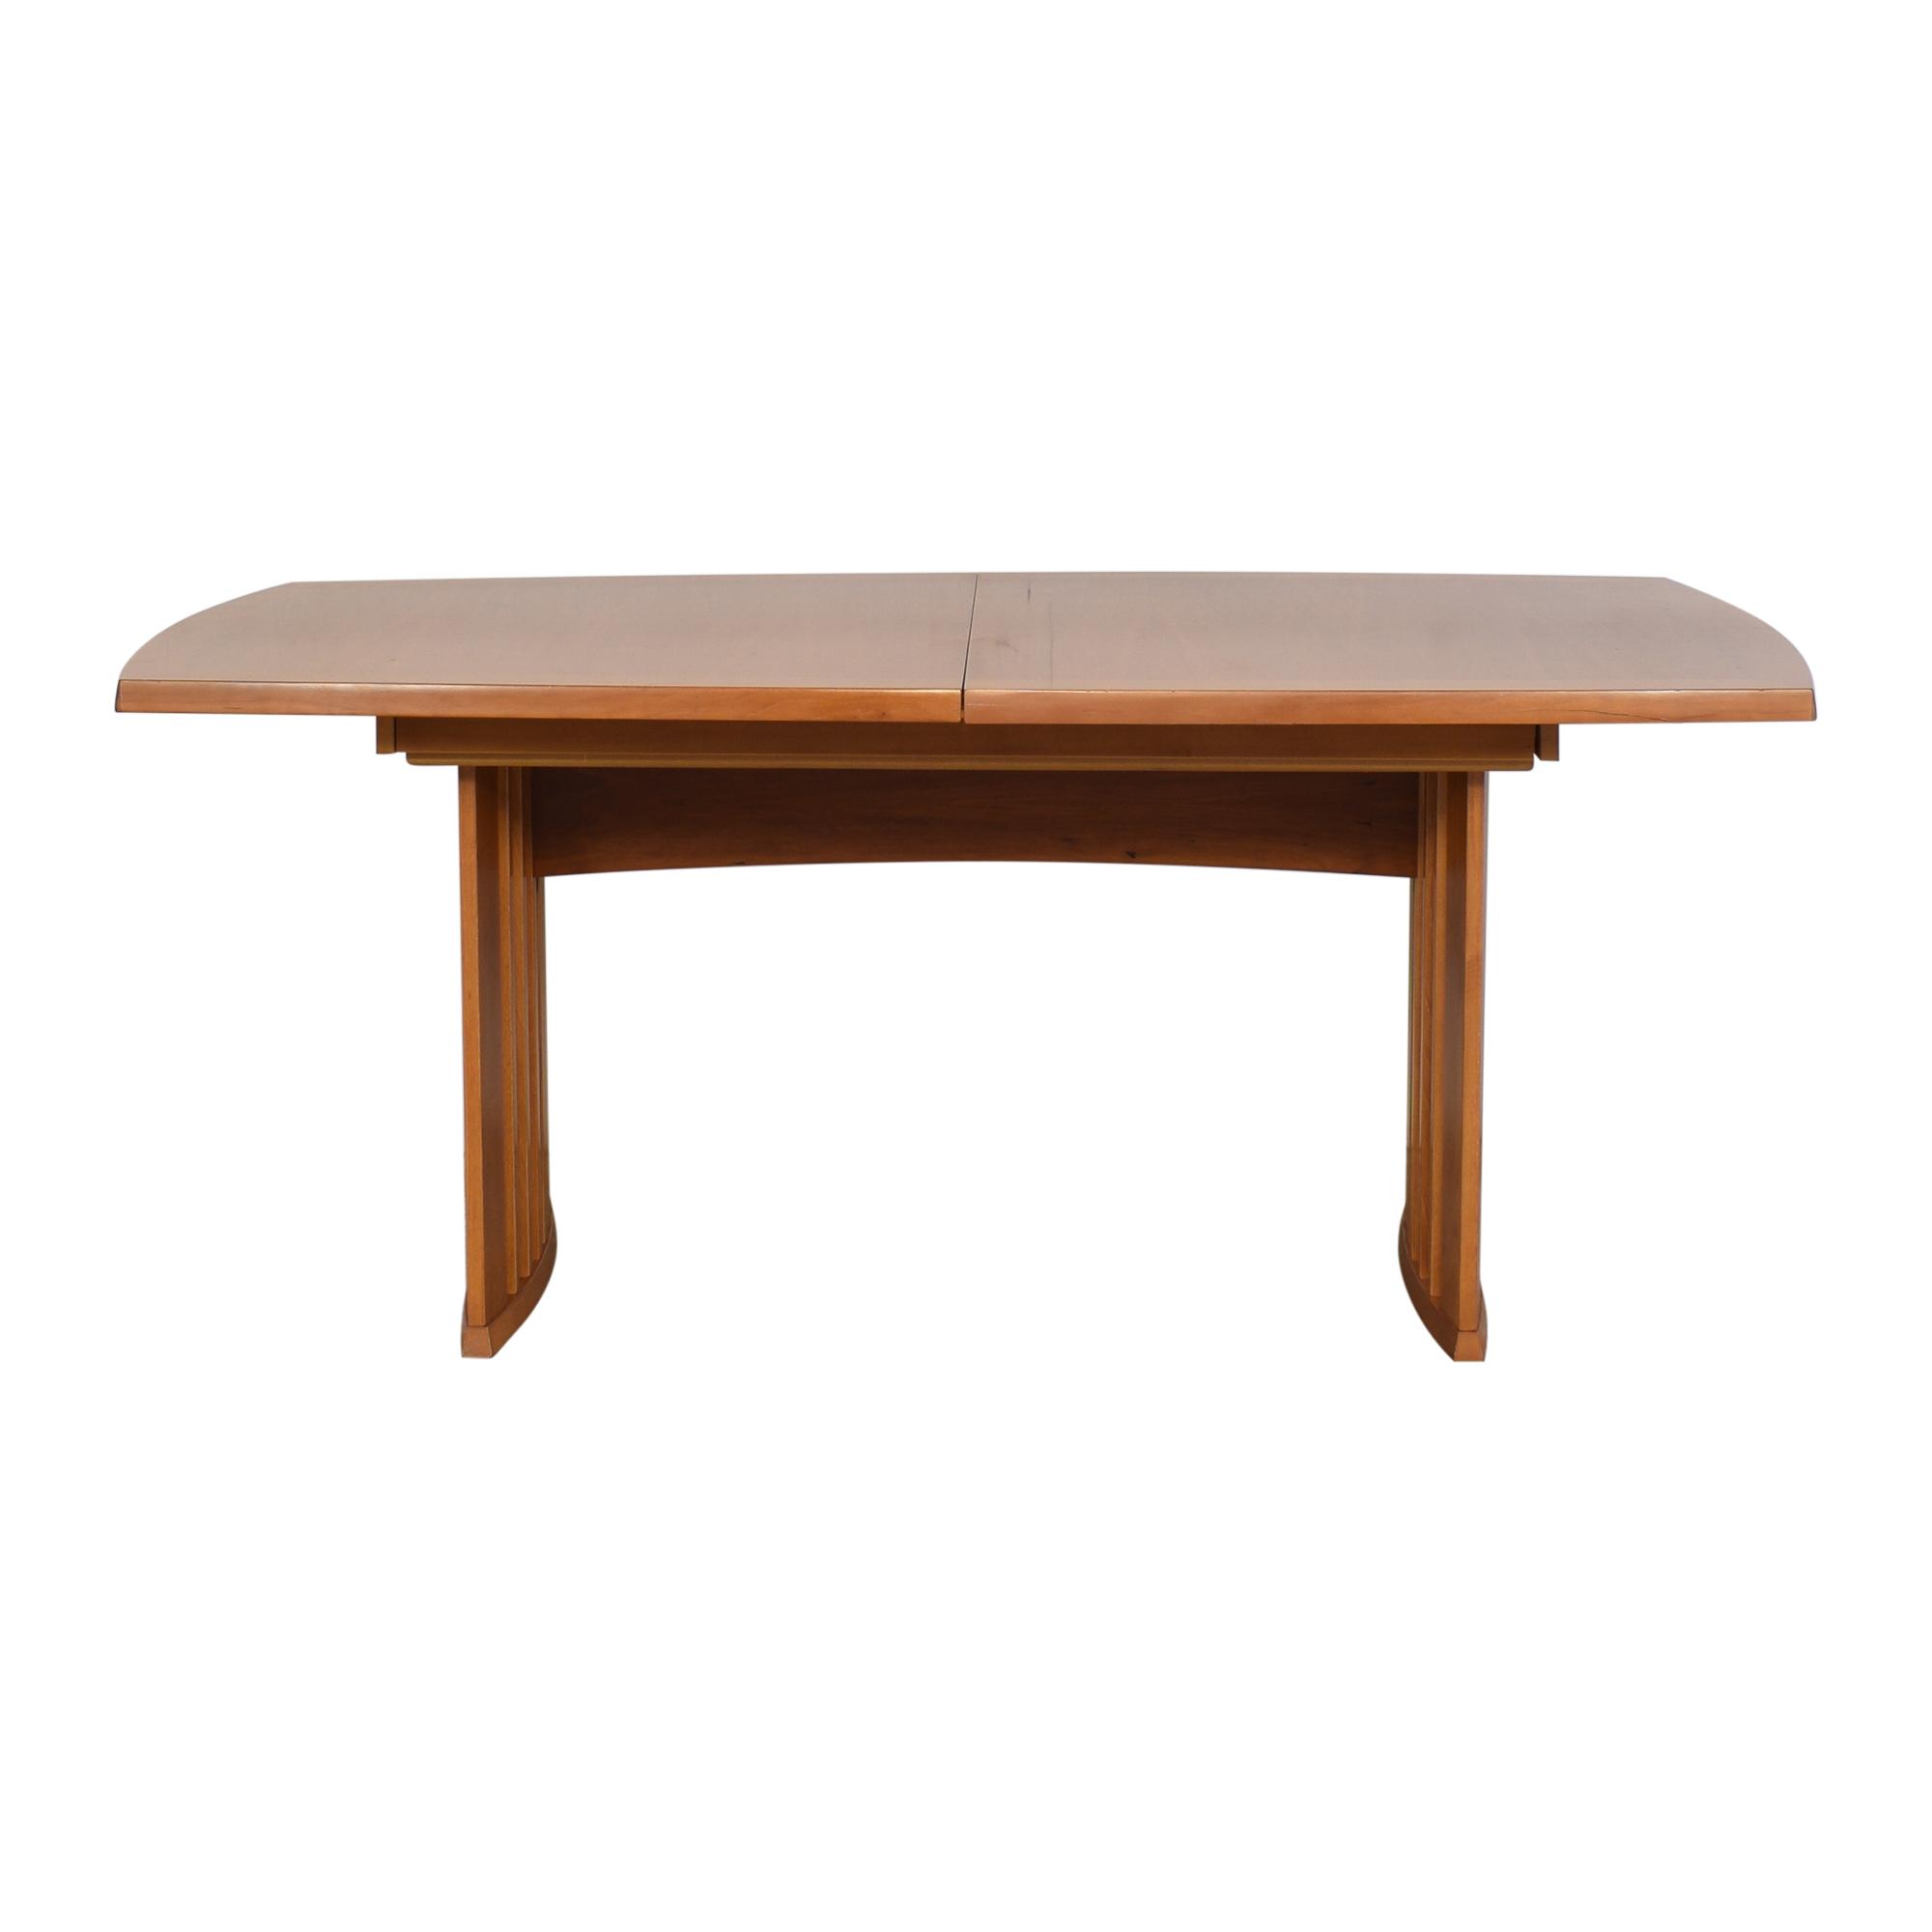 Skovby Skovby #19 Extendable Dining Table nj